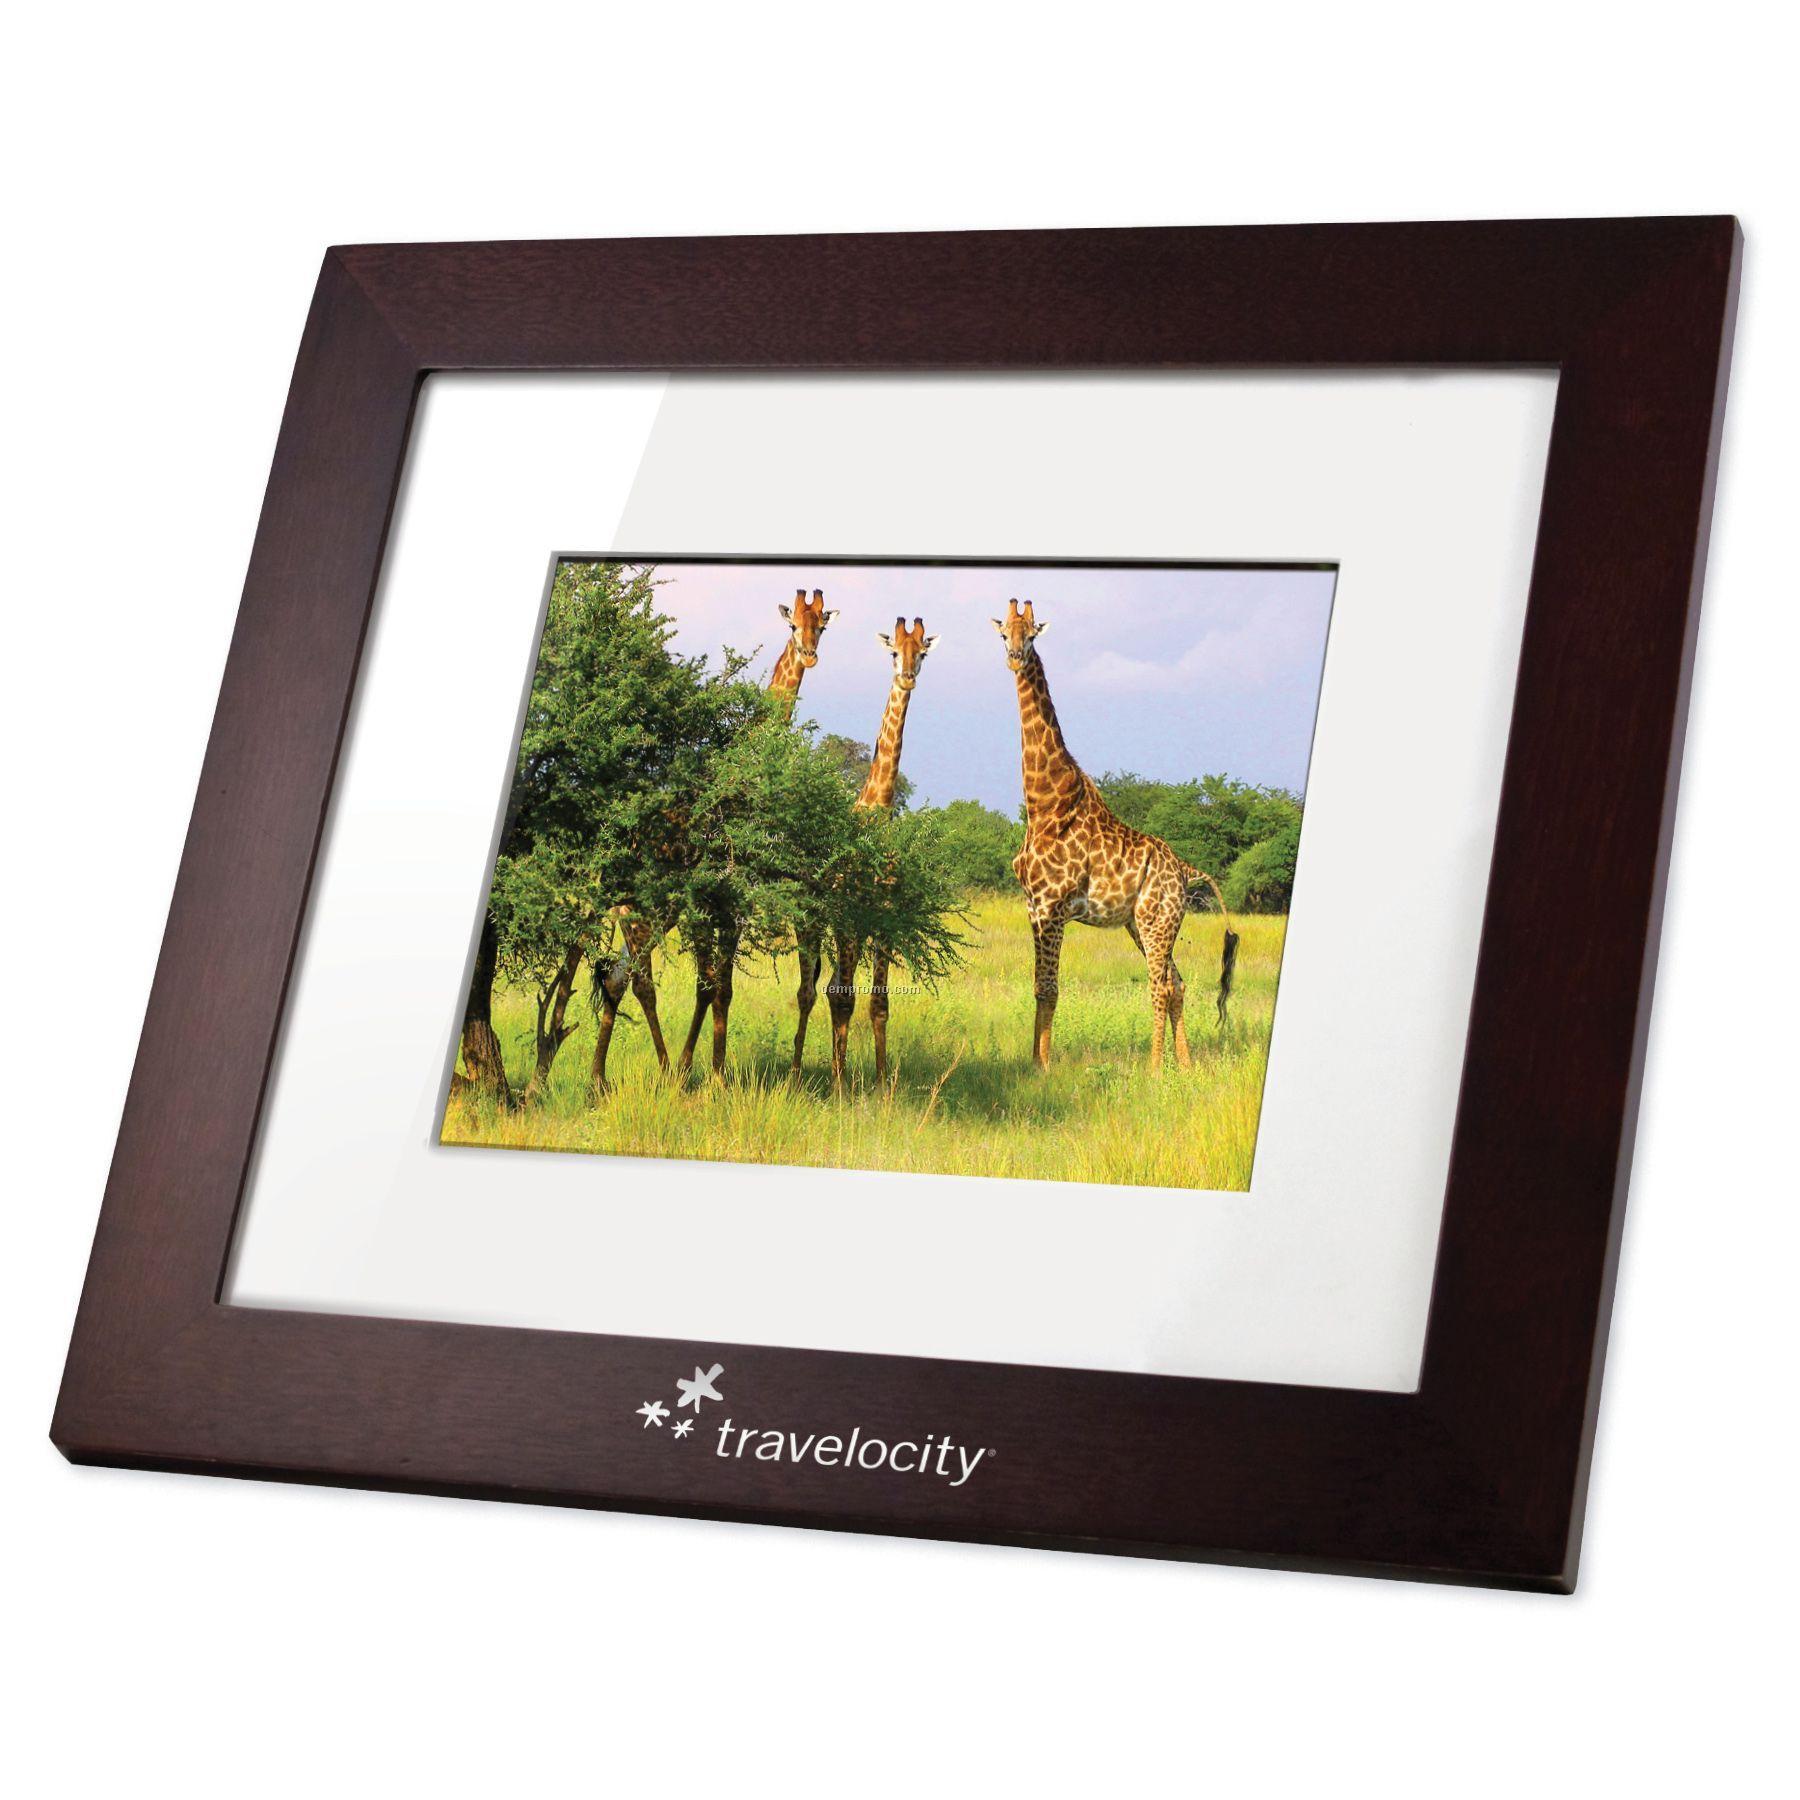 Photostar Digital Frames By Pandigital - 7 Inch